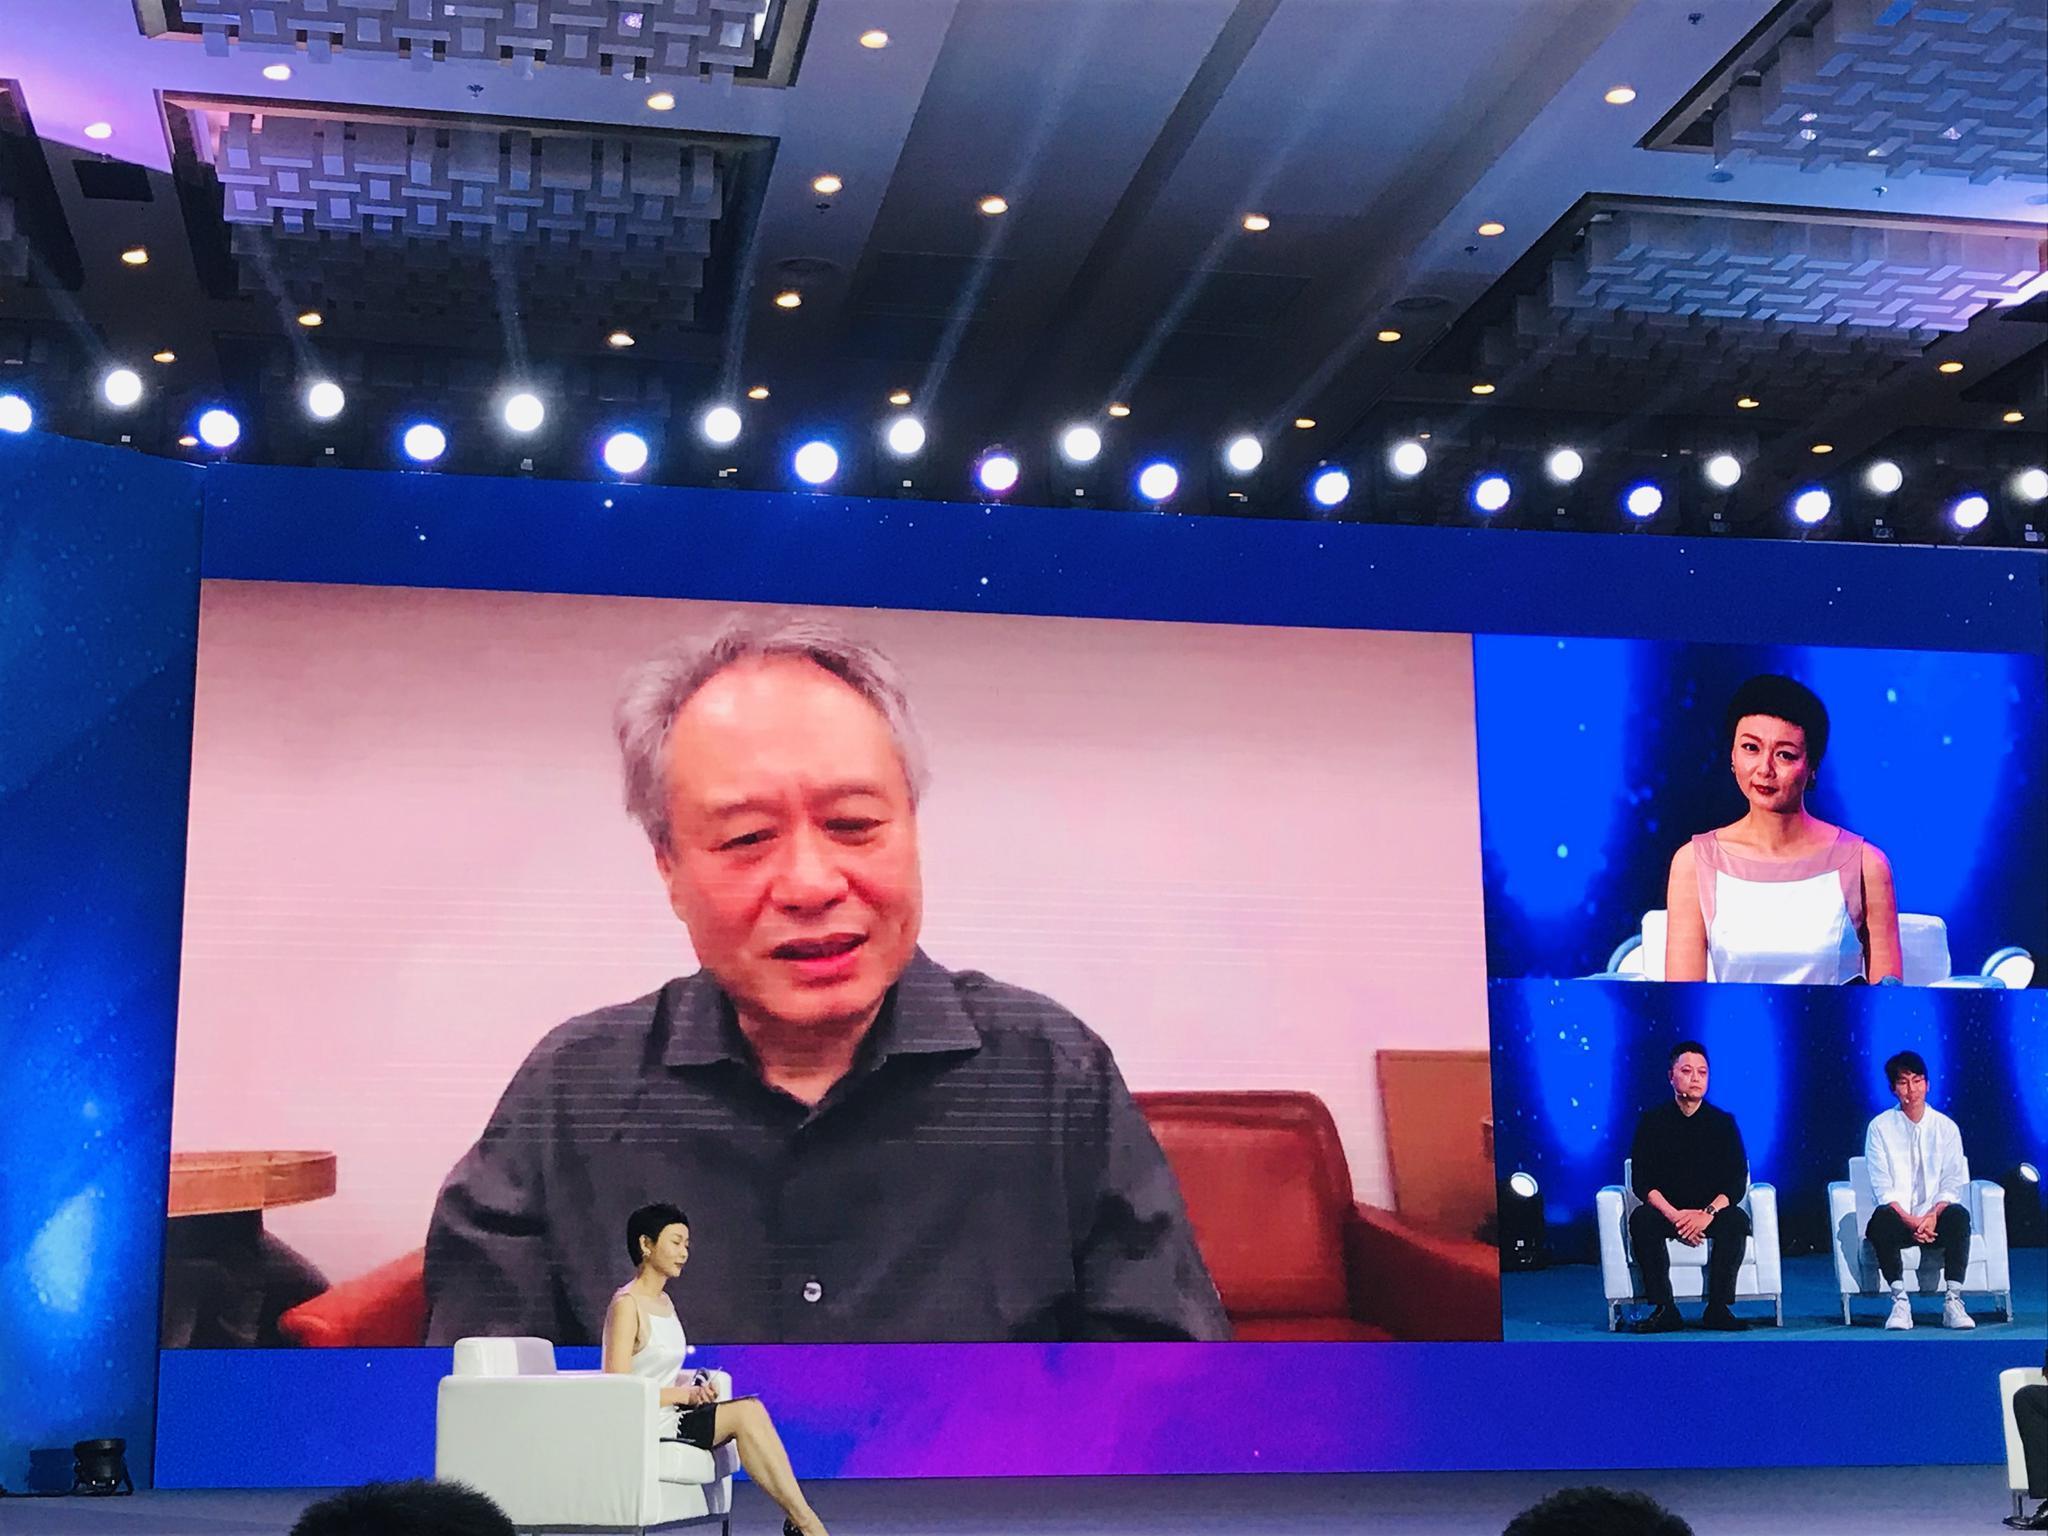 李安:我最安全的舒适圈就是冒险 不冒险令我焦躁不安